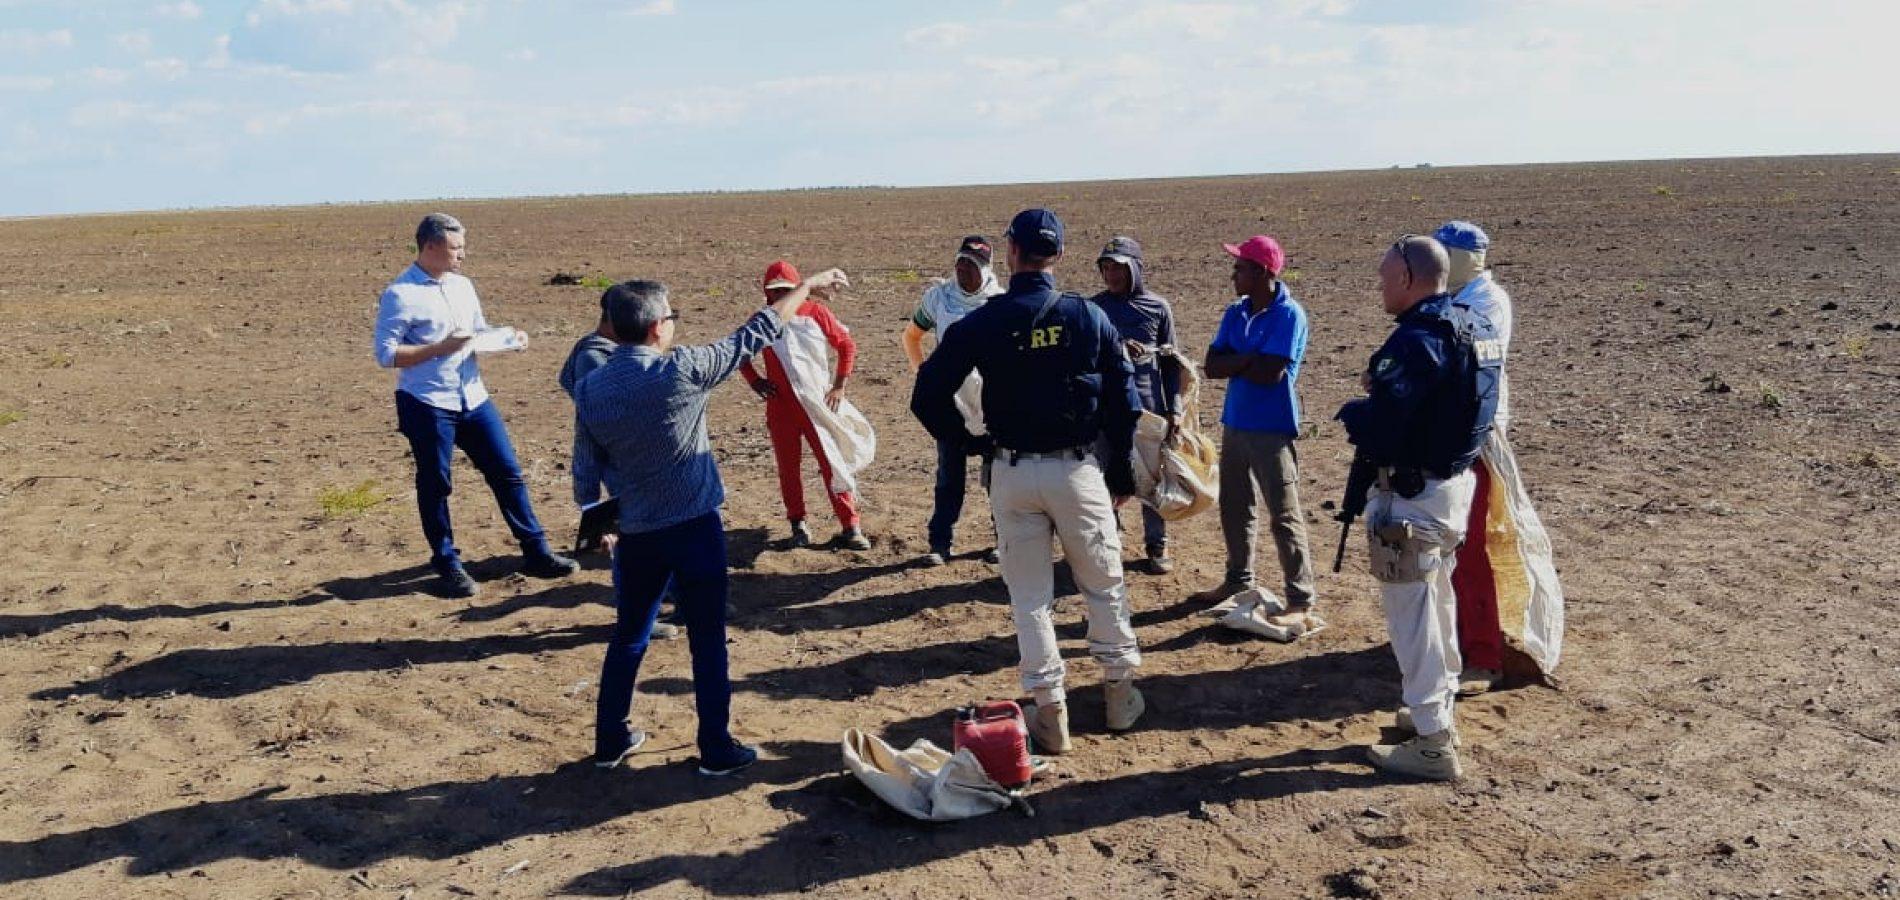 PRF constata aumento de pessoas resgatadas em situação análoga à escravidão no Piauí